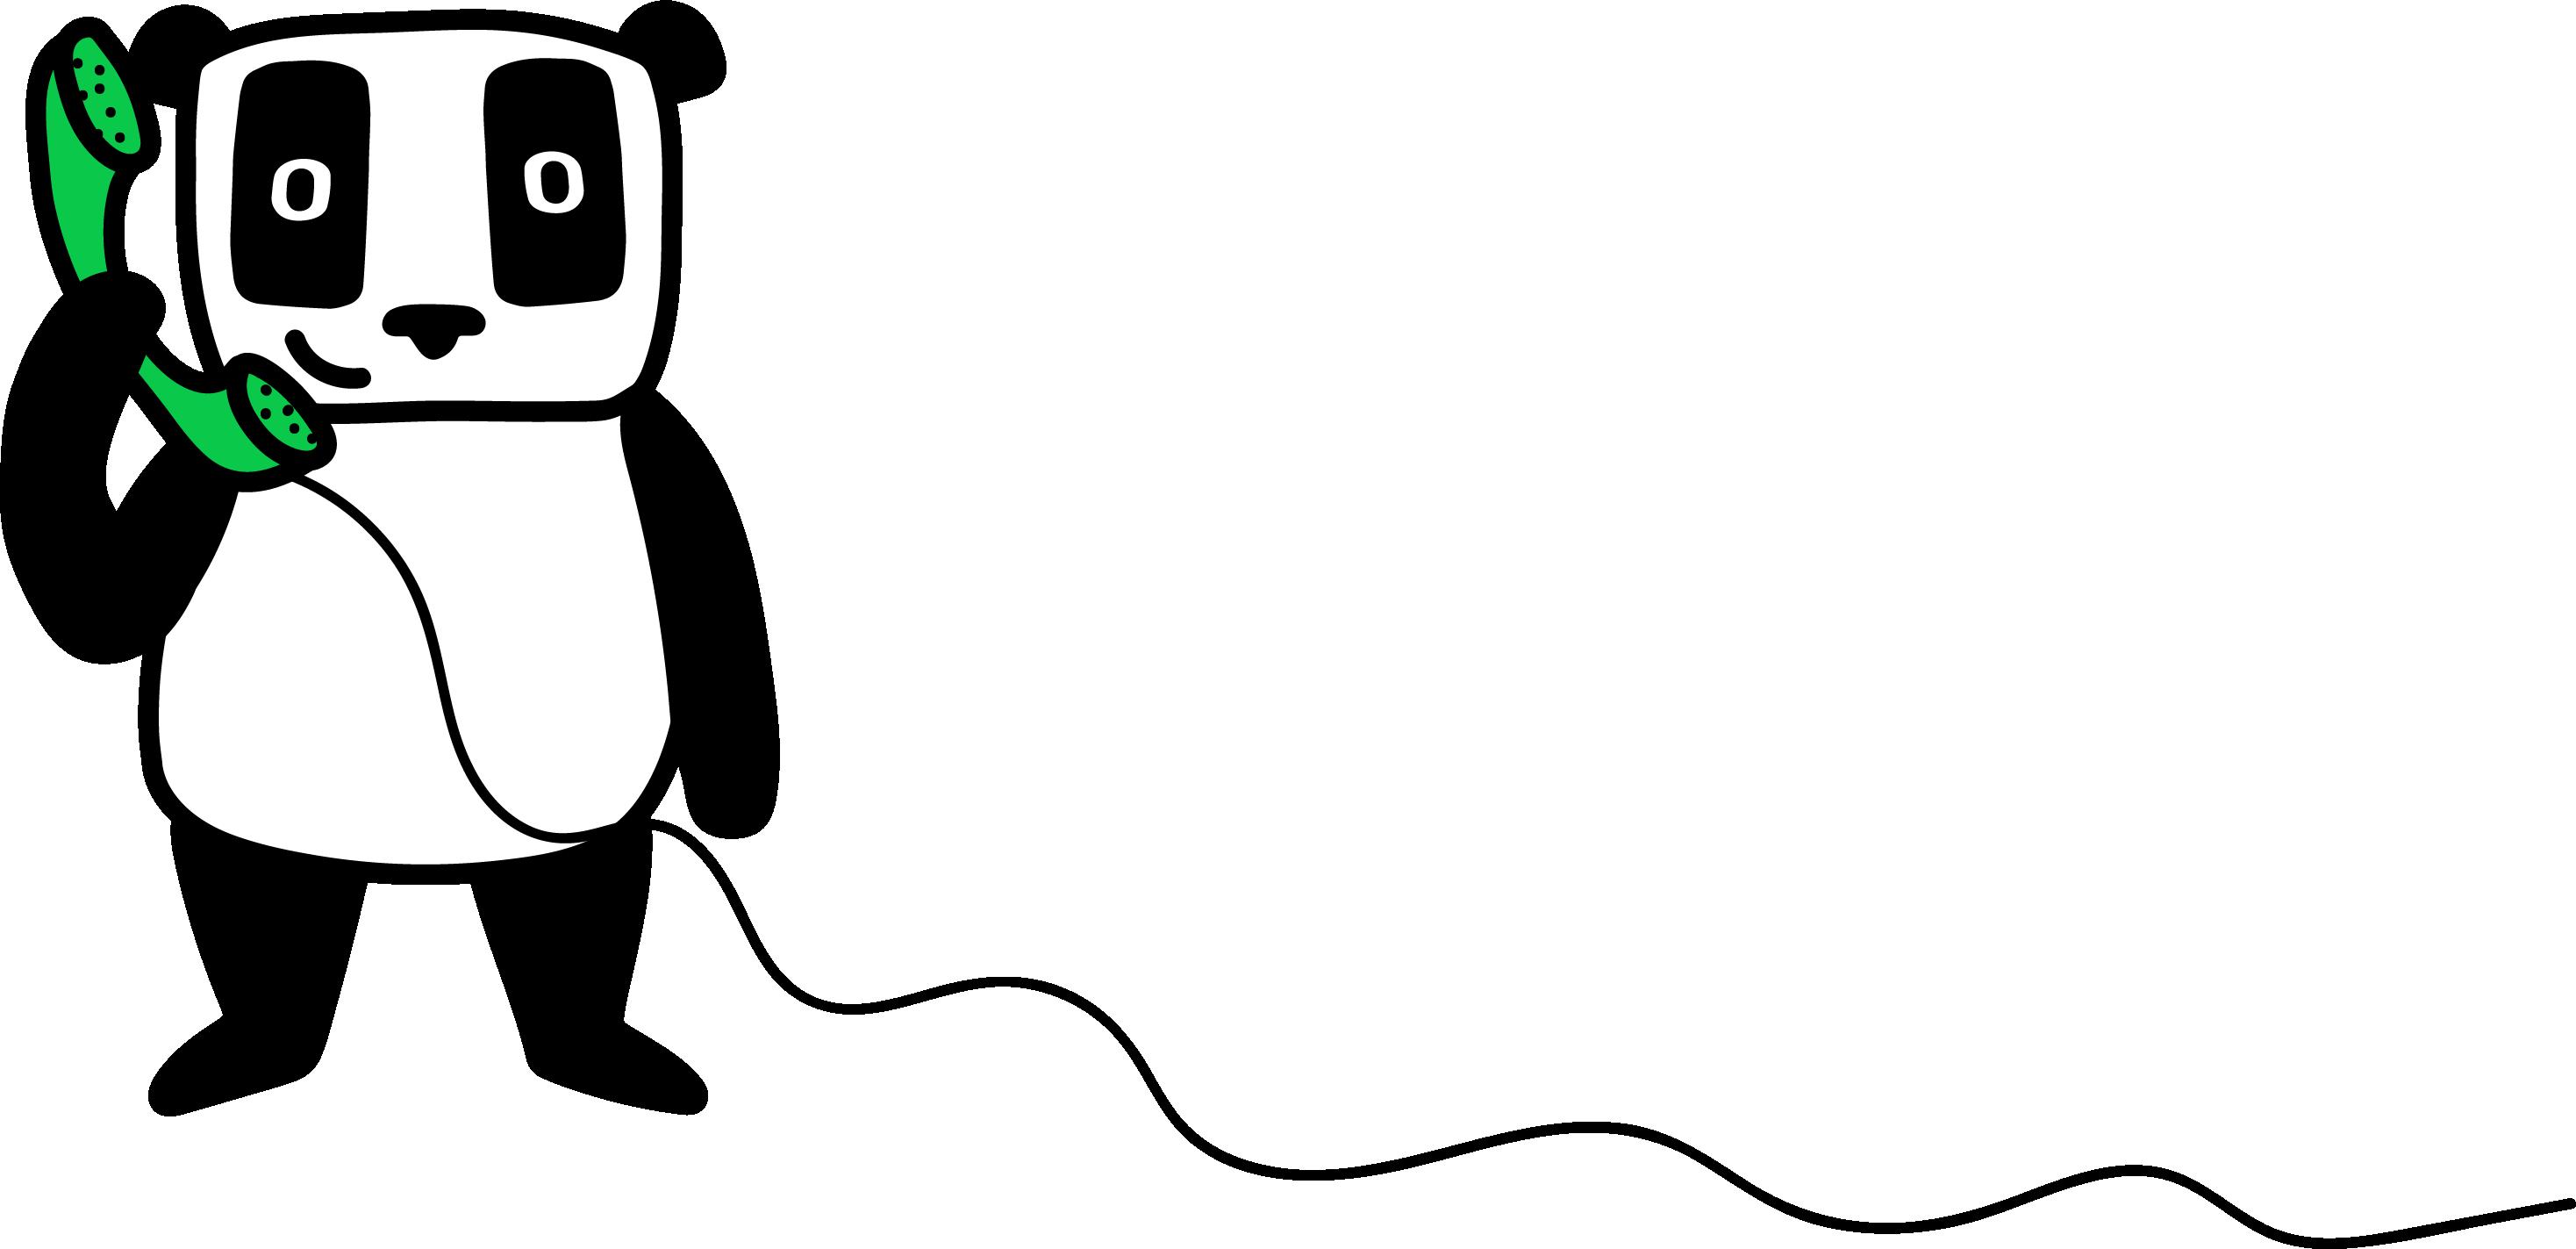 טופנדה שירותי שיווק אונליין - שיווק שאפשר למדוד